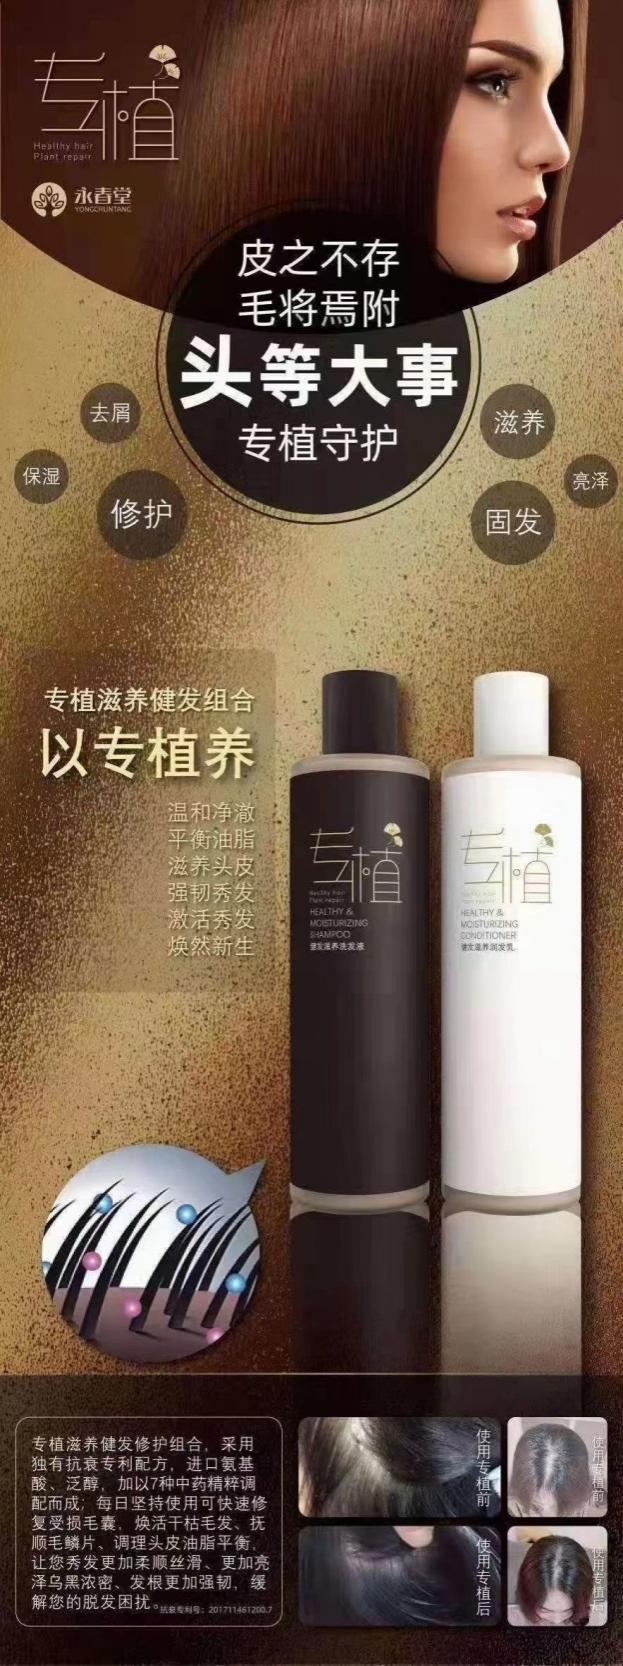 专植健发产品代理截图 图片来源:中国网财经